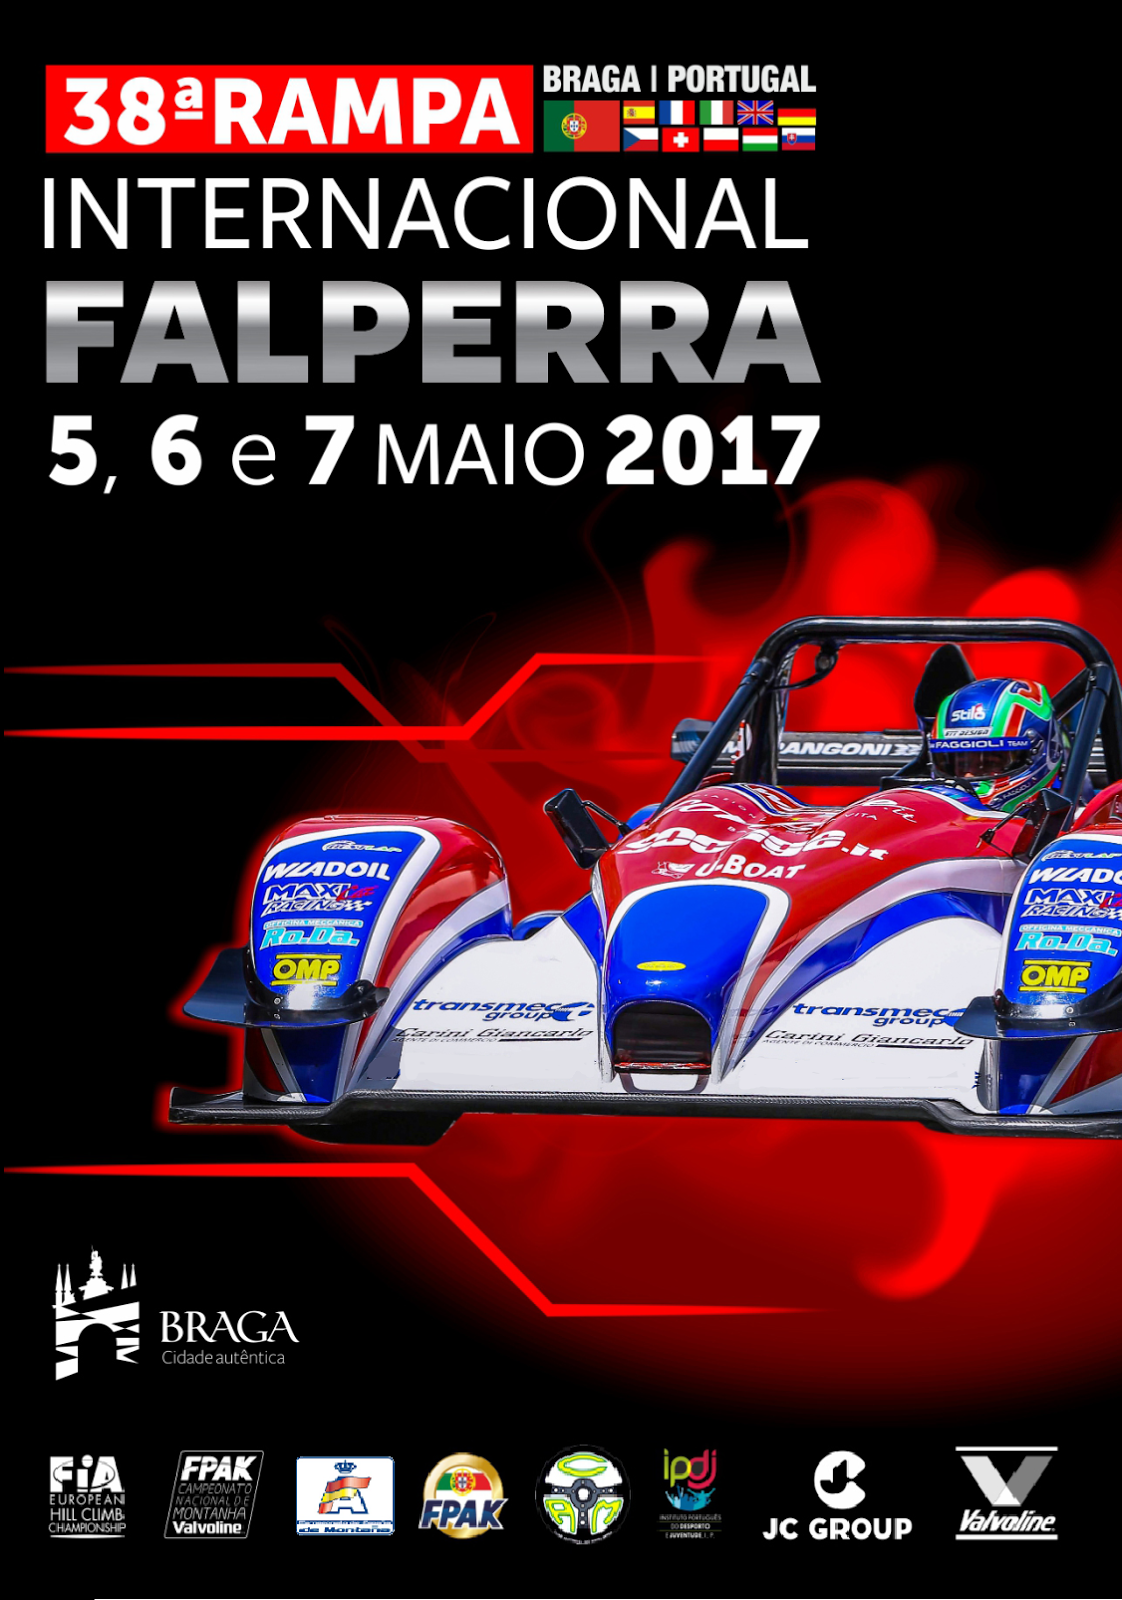 38ª-rampa-falperra-2017-cartaz-braga